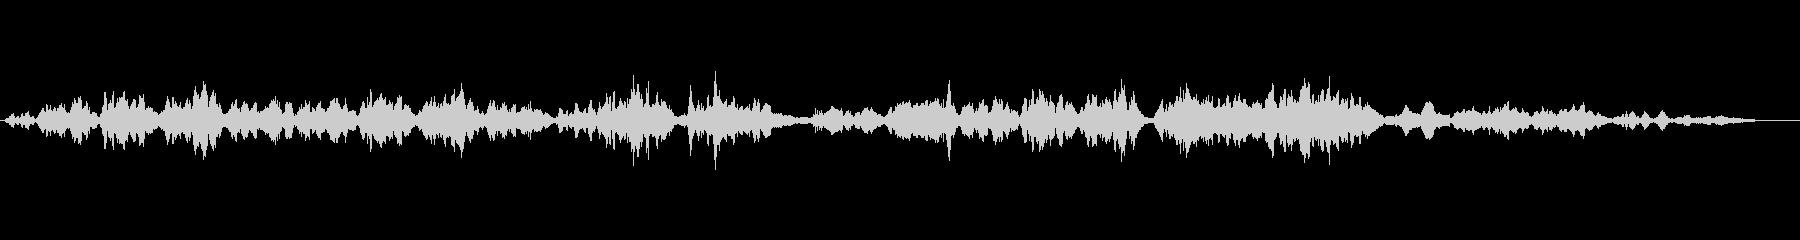 生演奏の弦楽二重奏「愛の挨拶」バイオリンの未再生の波形